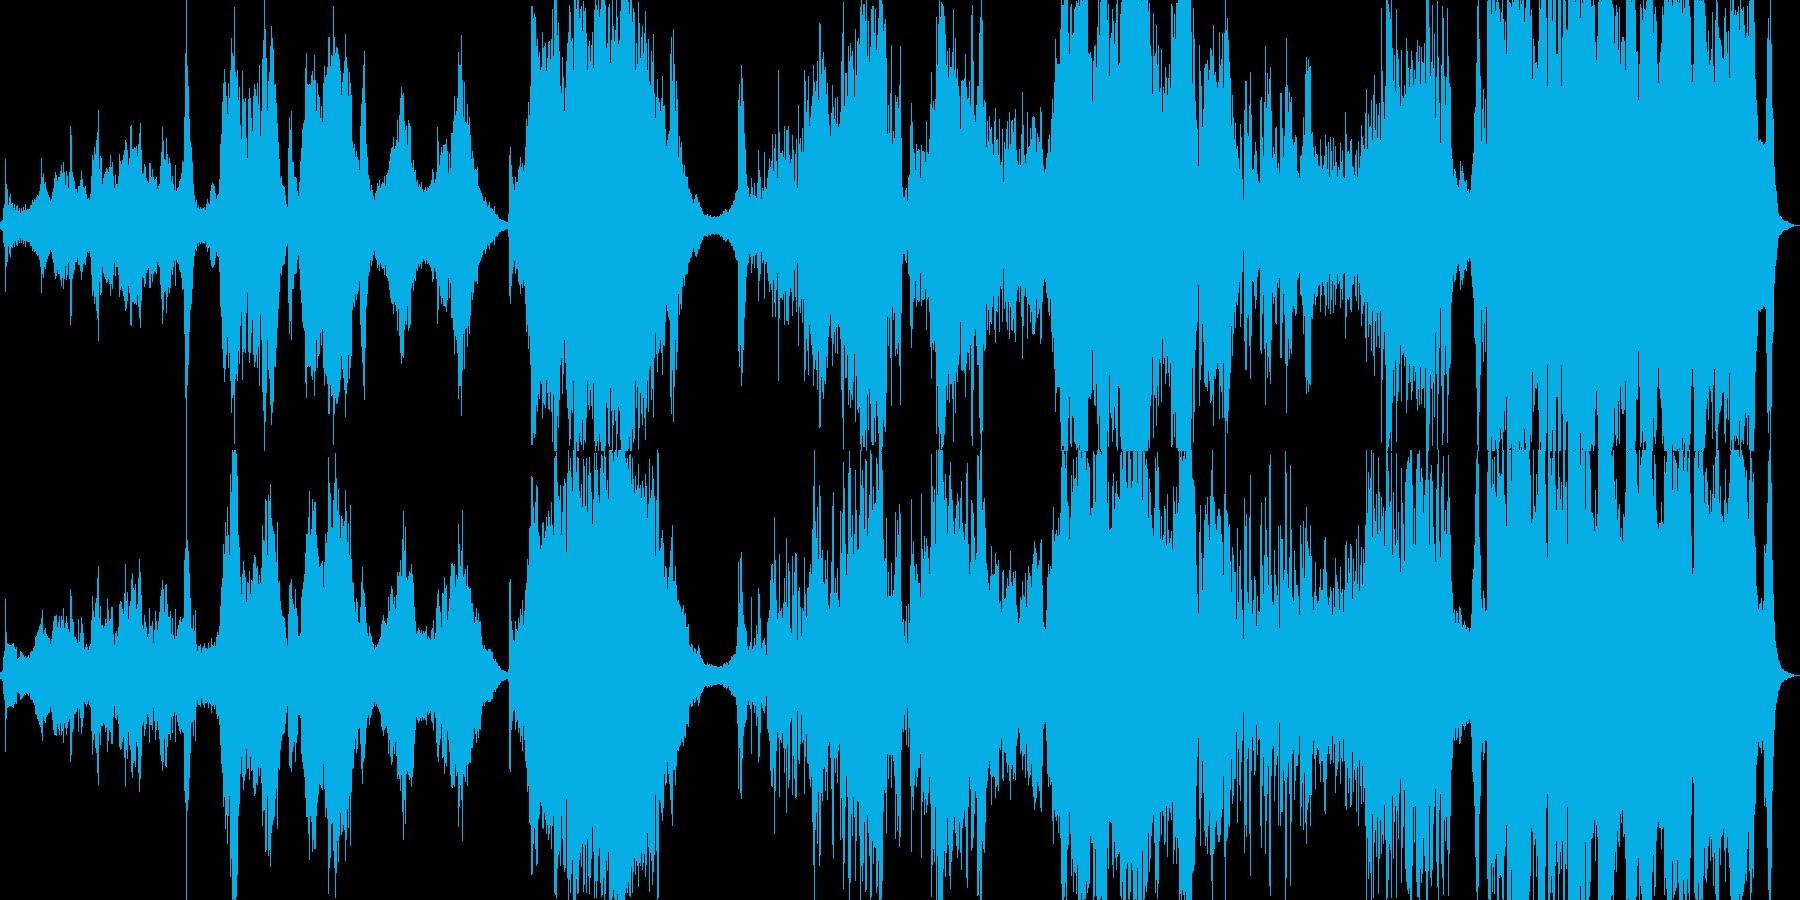 アラビア風のオーケストラ組曲の再生済みの波形